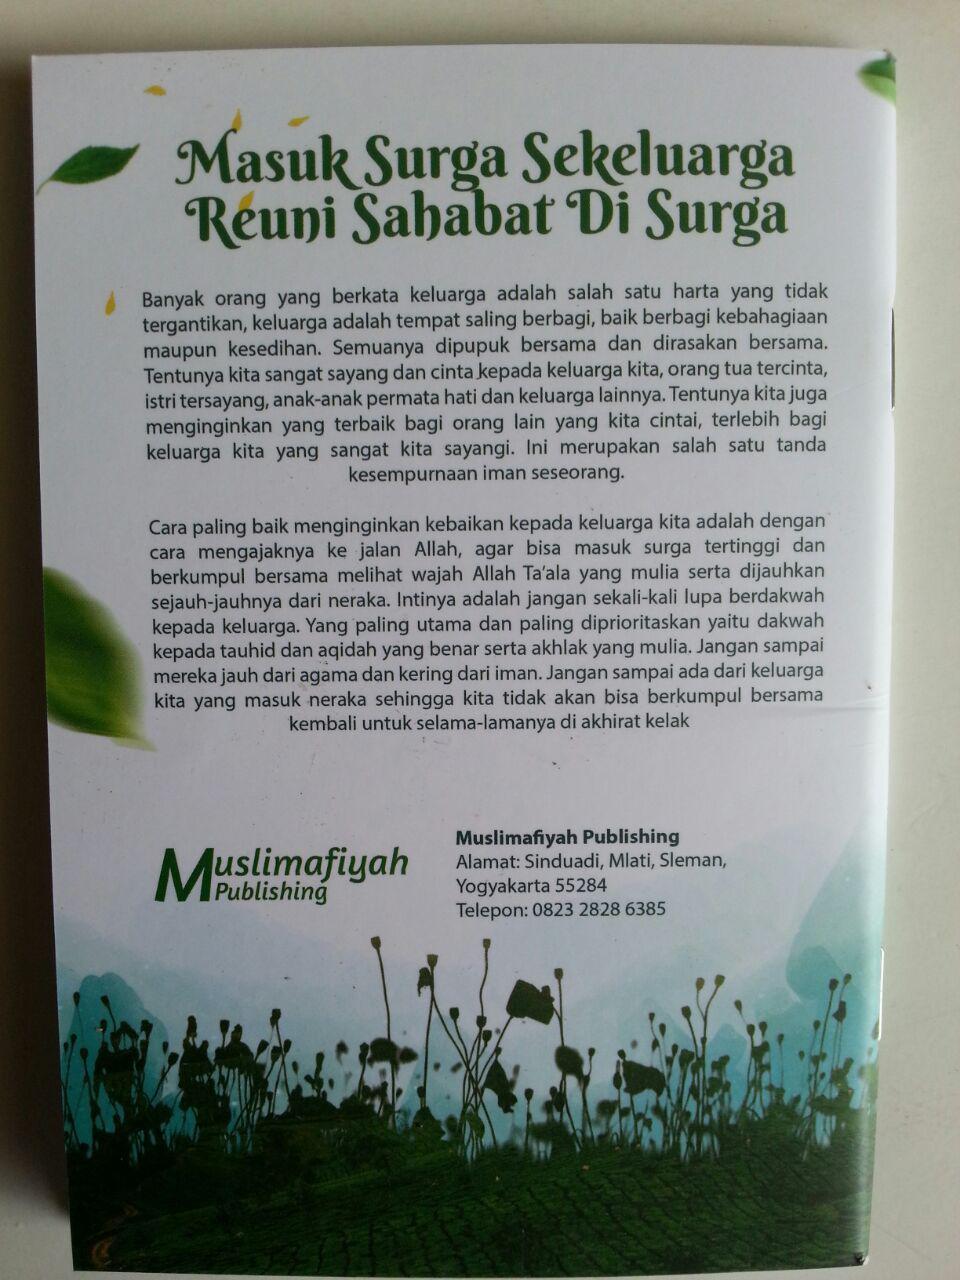 Buku Saku Masuk Surga Sekeluarga Reuni Sahabat Di Surga cover